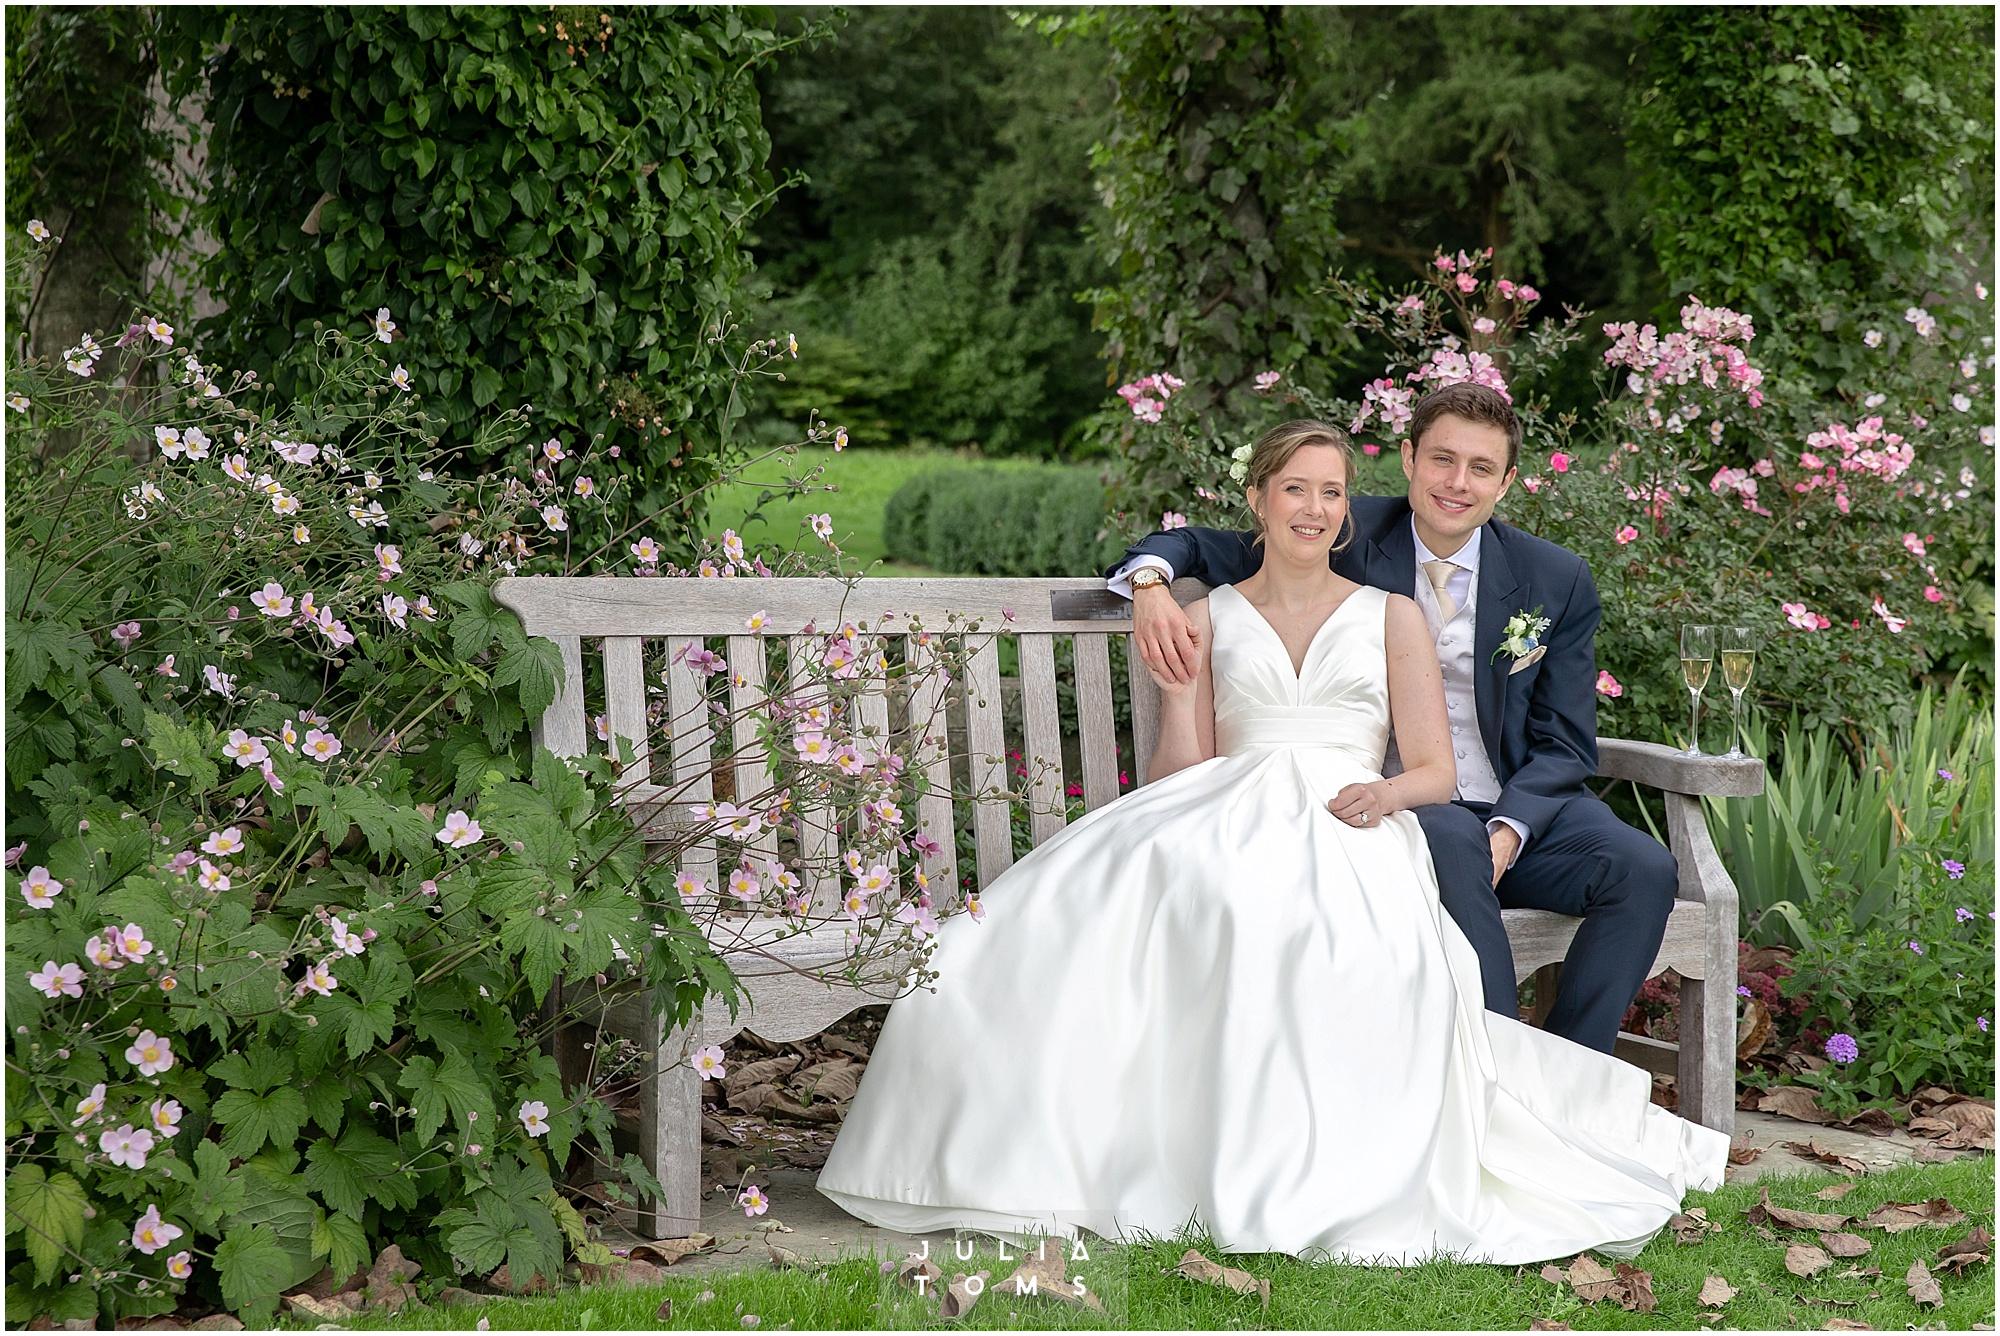 westsussex_wedding_photographer_westdean_077.jpg